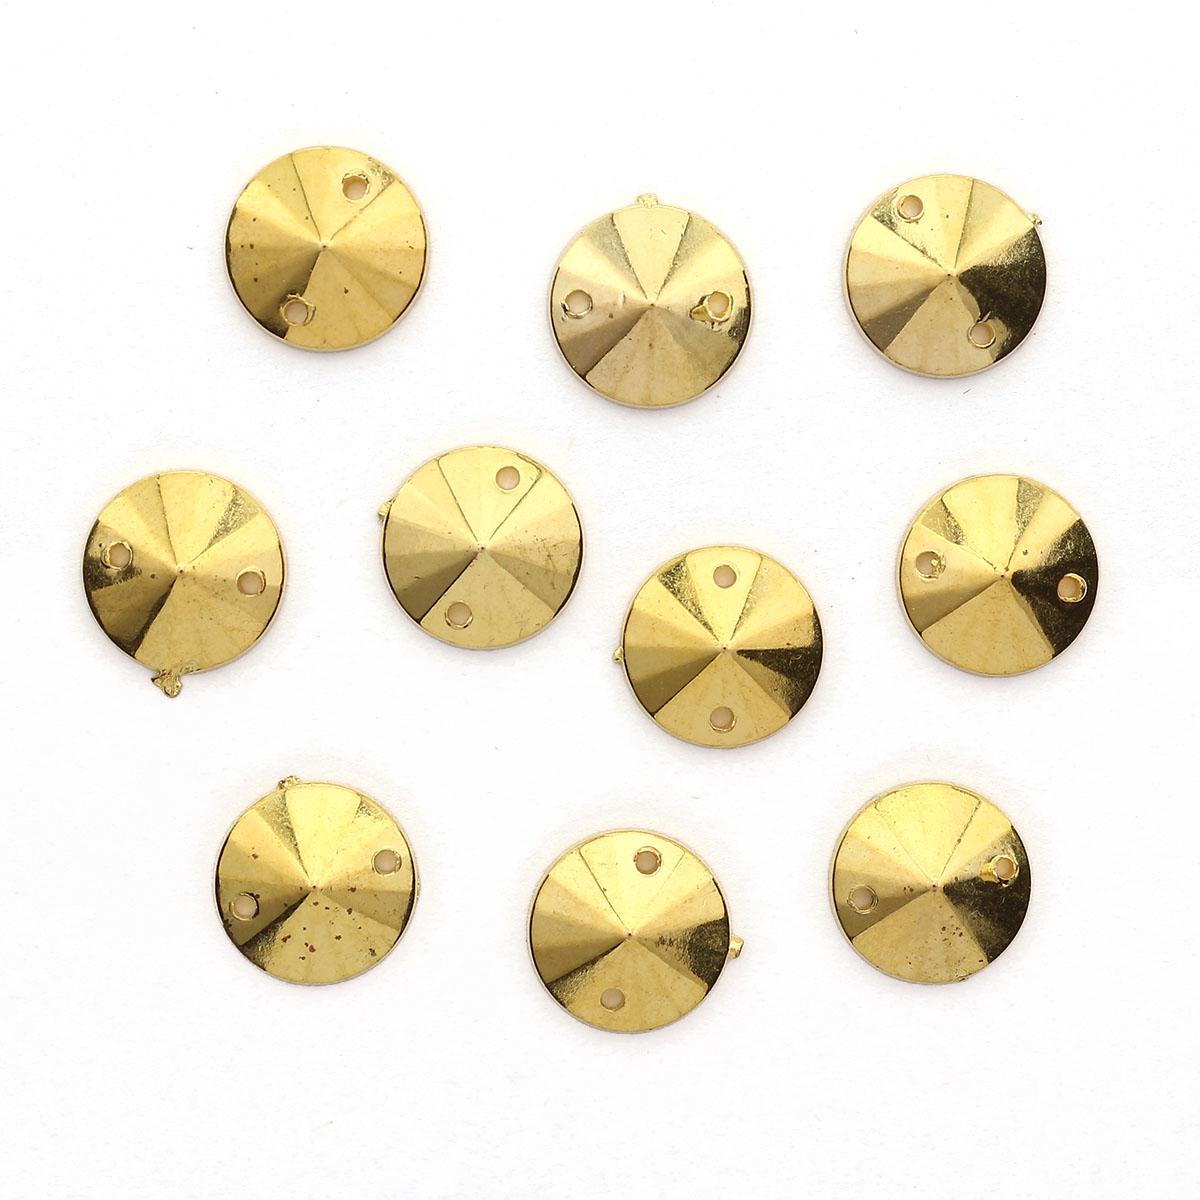 GACR-Q053-G Стразы акриловые,круглые золото 10*4мм, 10шт/упак